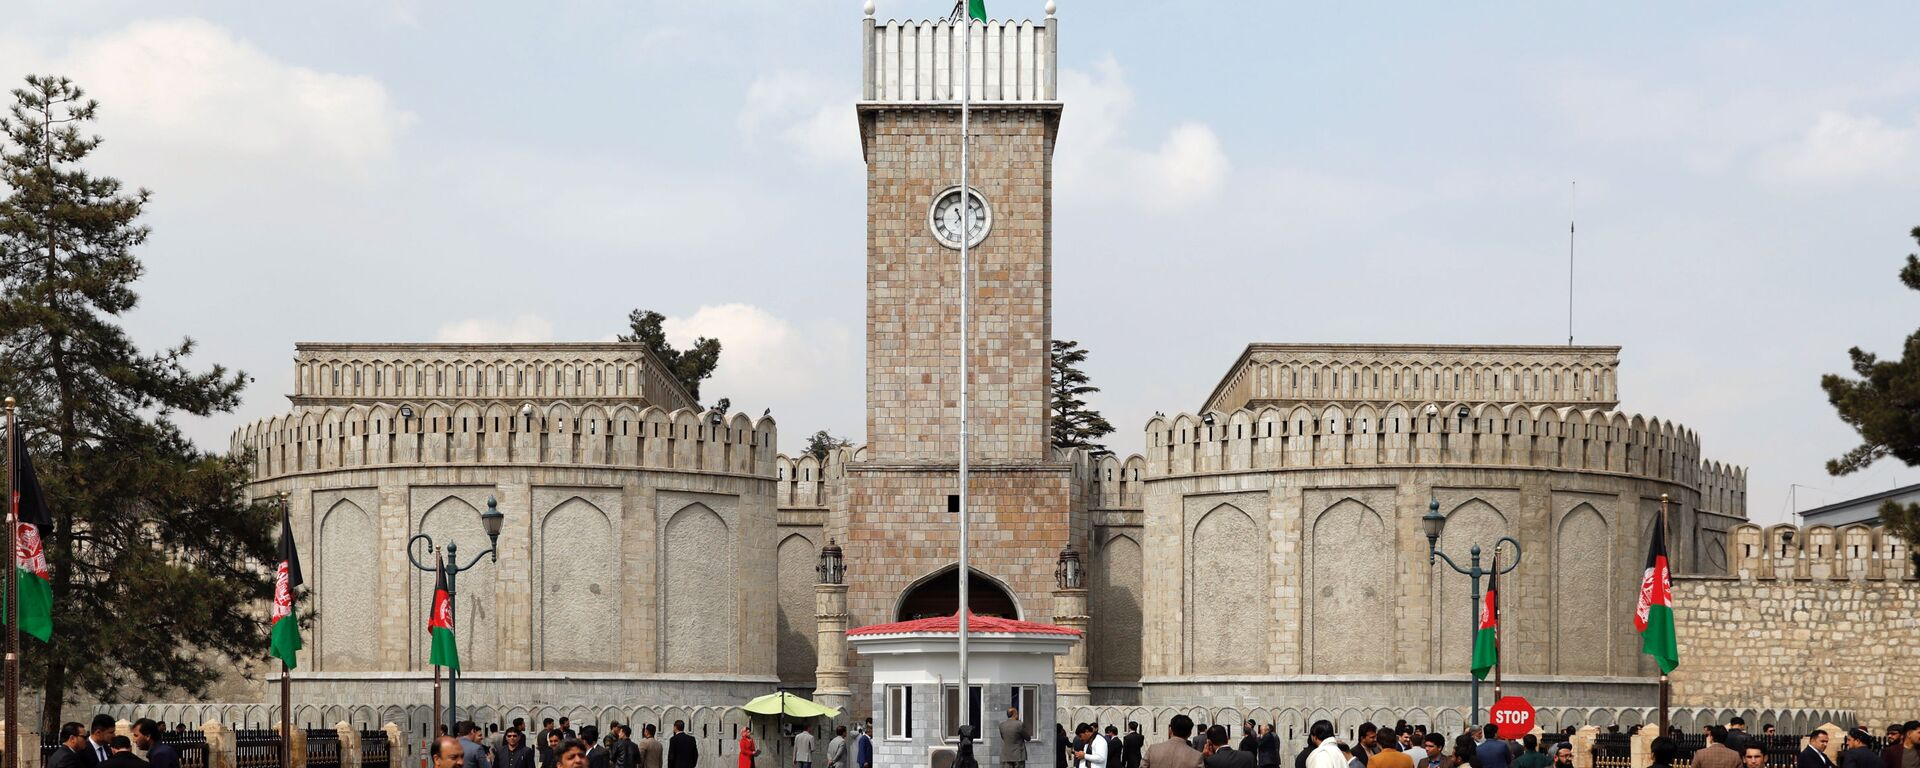 El Palacio Presidencial en Kabul, capital de Afganistán - Sputnik Mundo, 1920, 28.08.2021